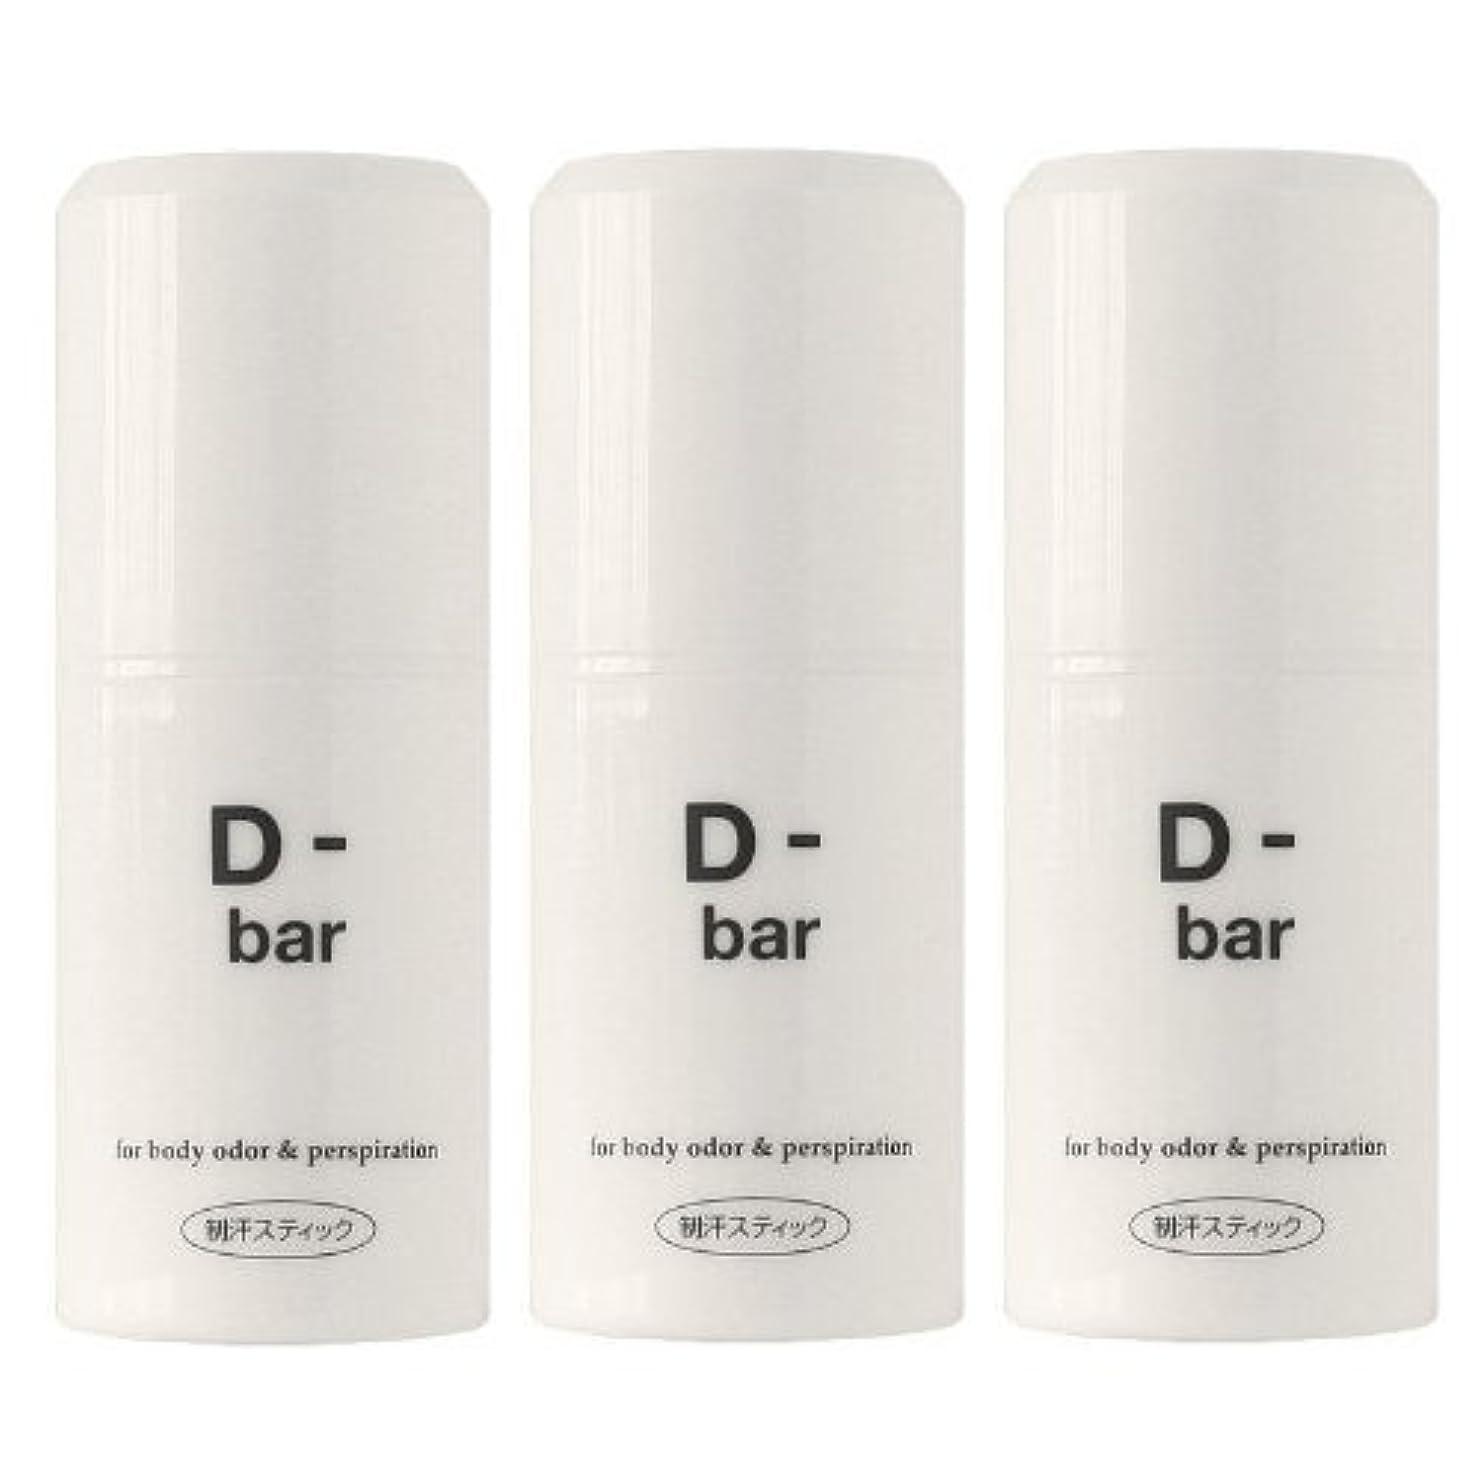 ユーモア典型的な未払いディーバー(D-bar) 3本セット